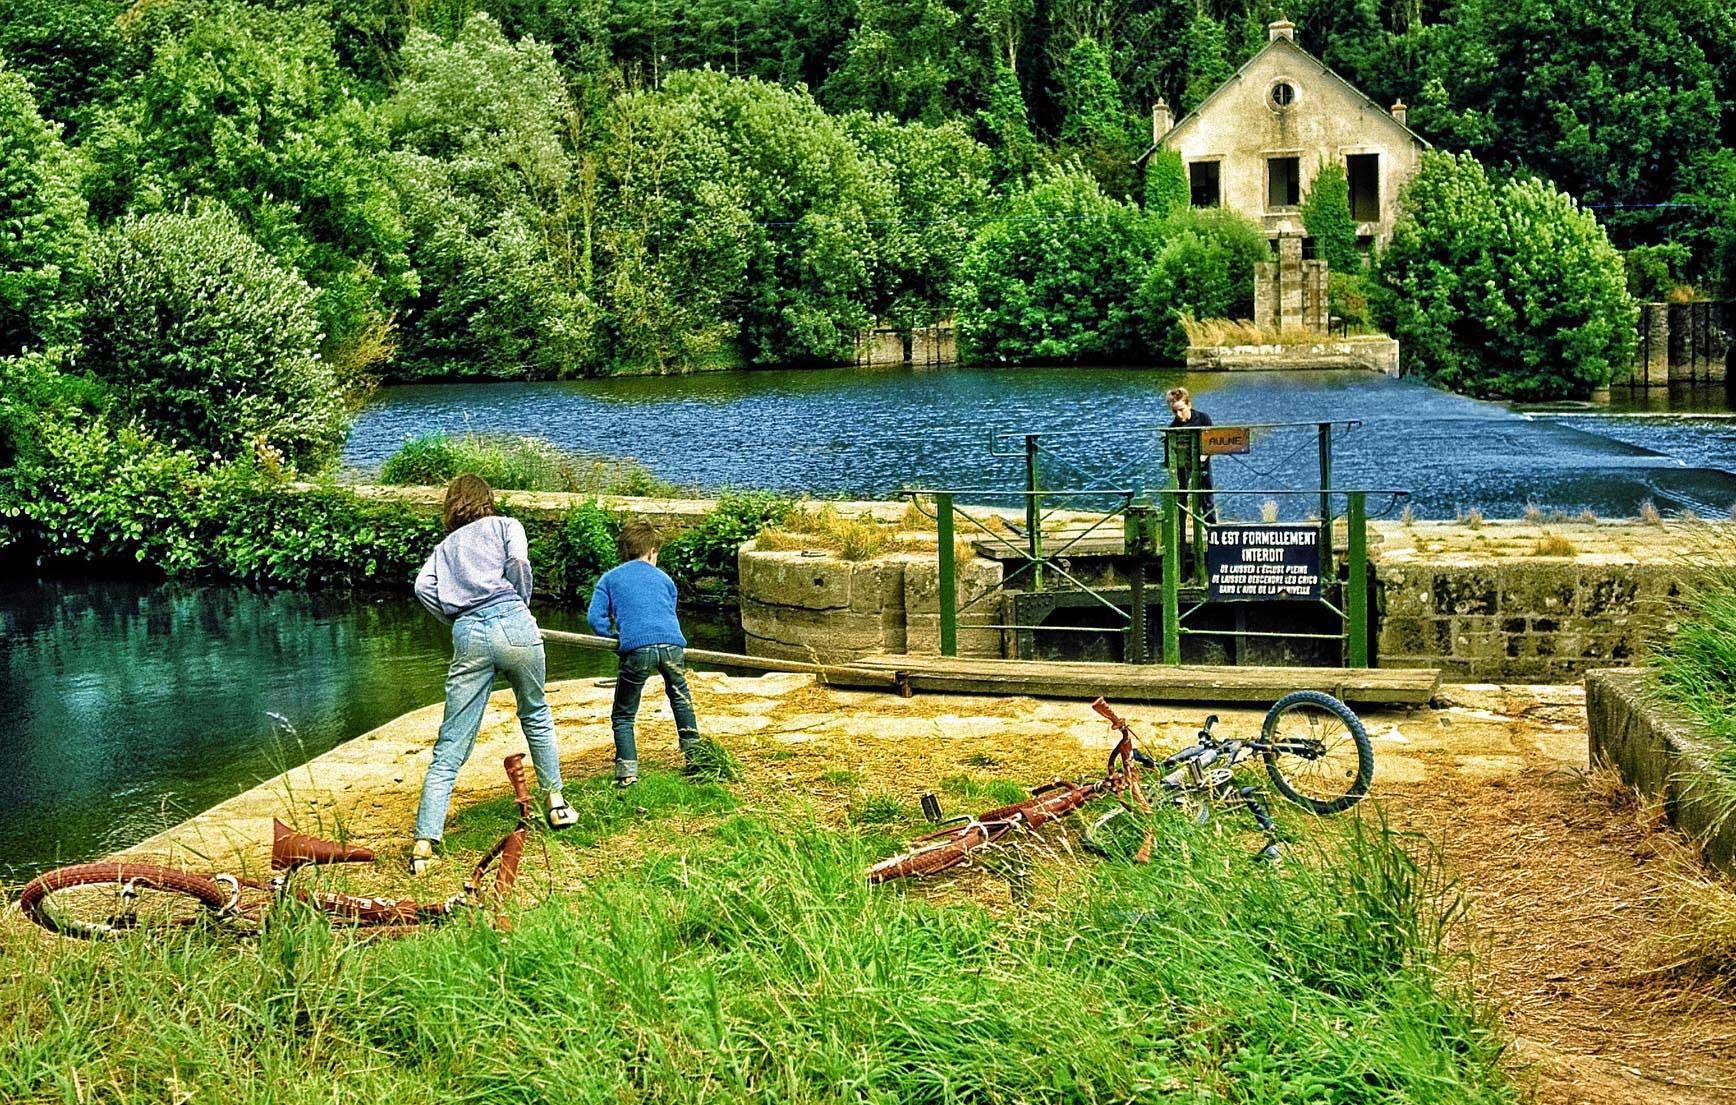 La rivière de l'Aulne reliant Nantes et Brest. 2 personnes se baladent à vélo